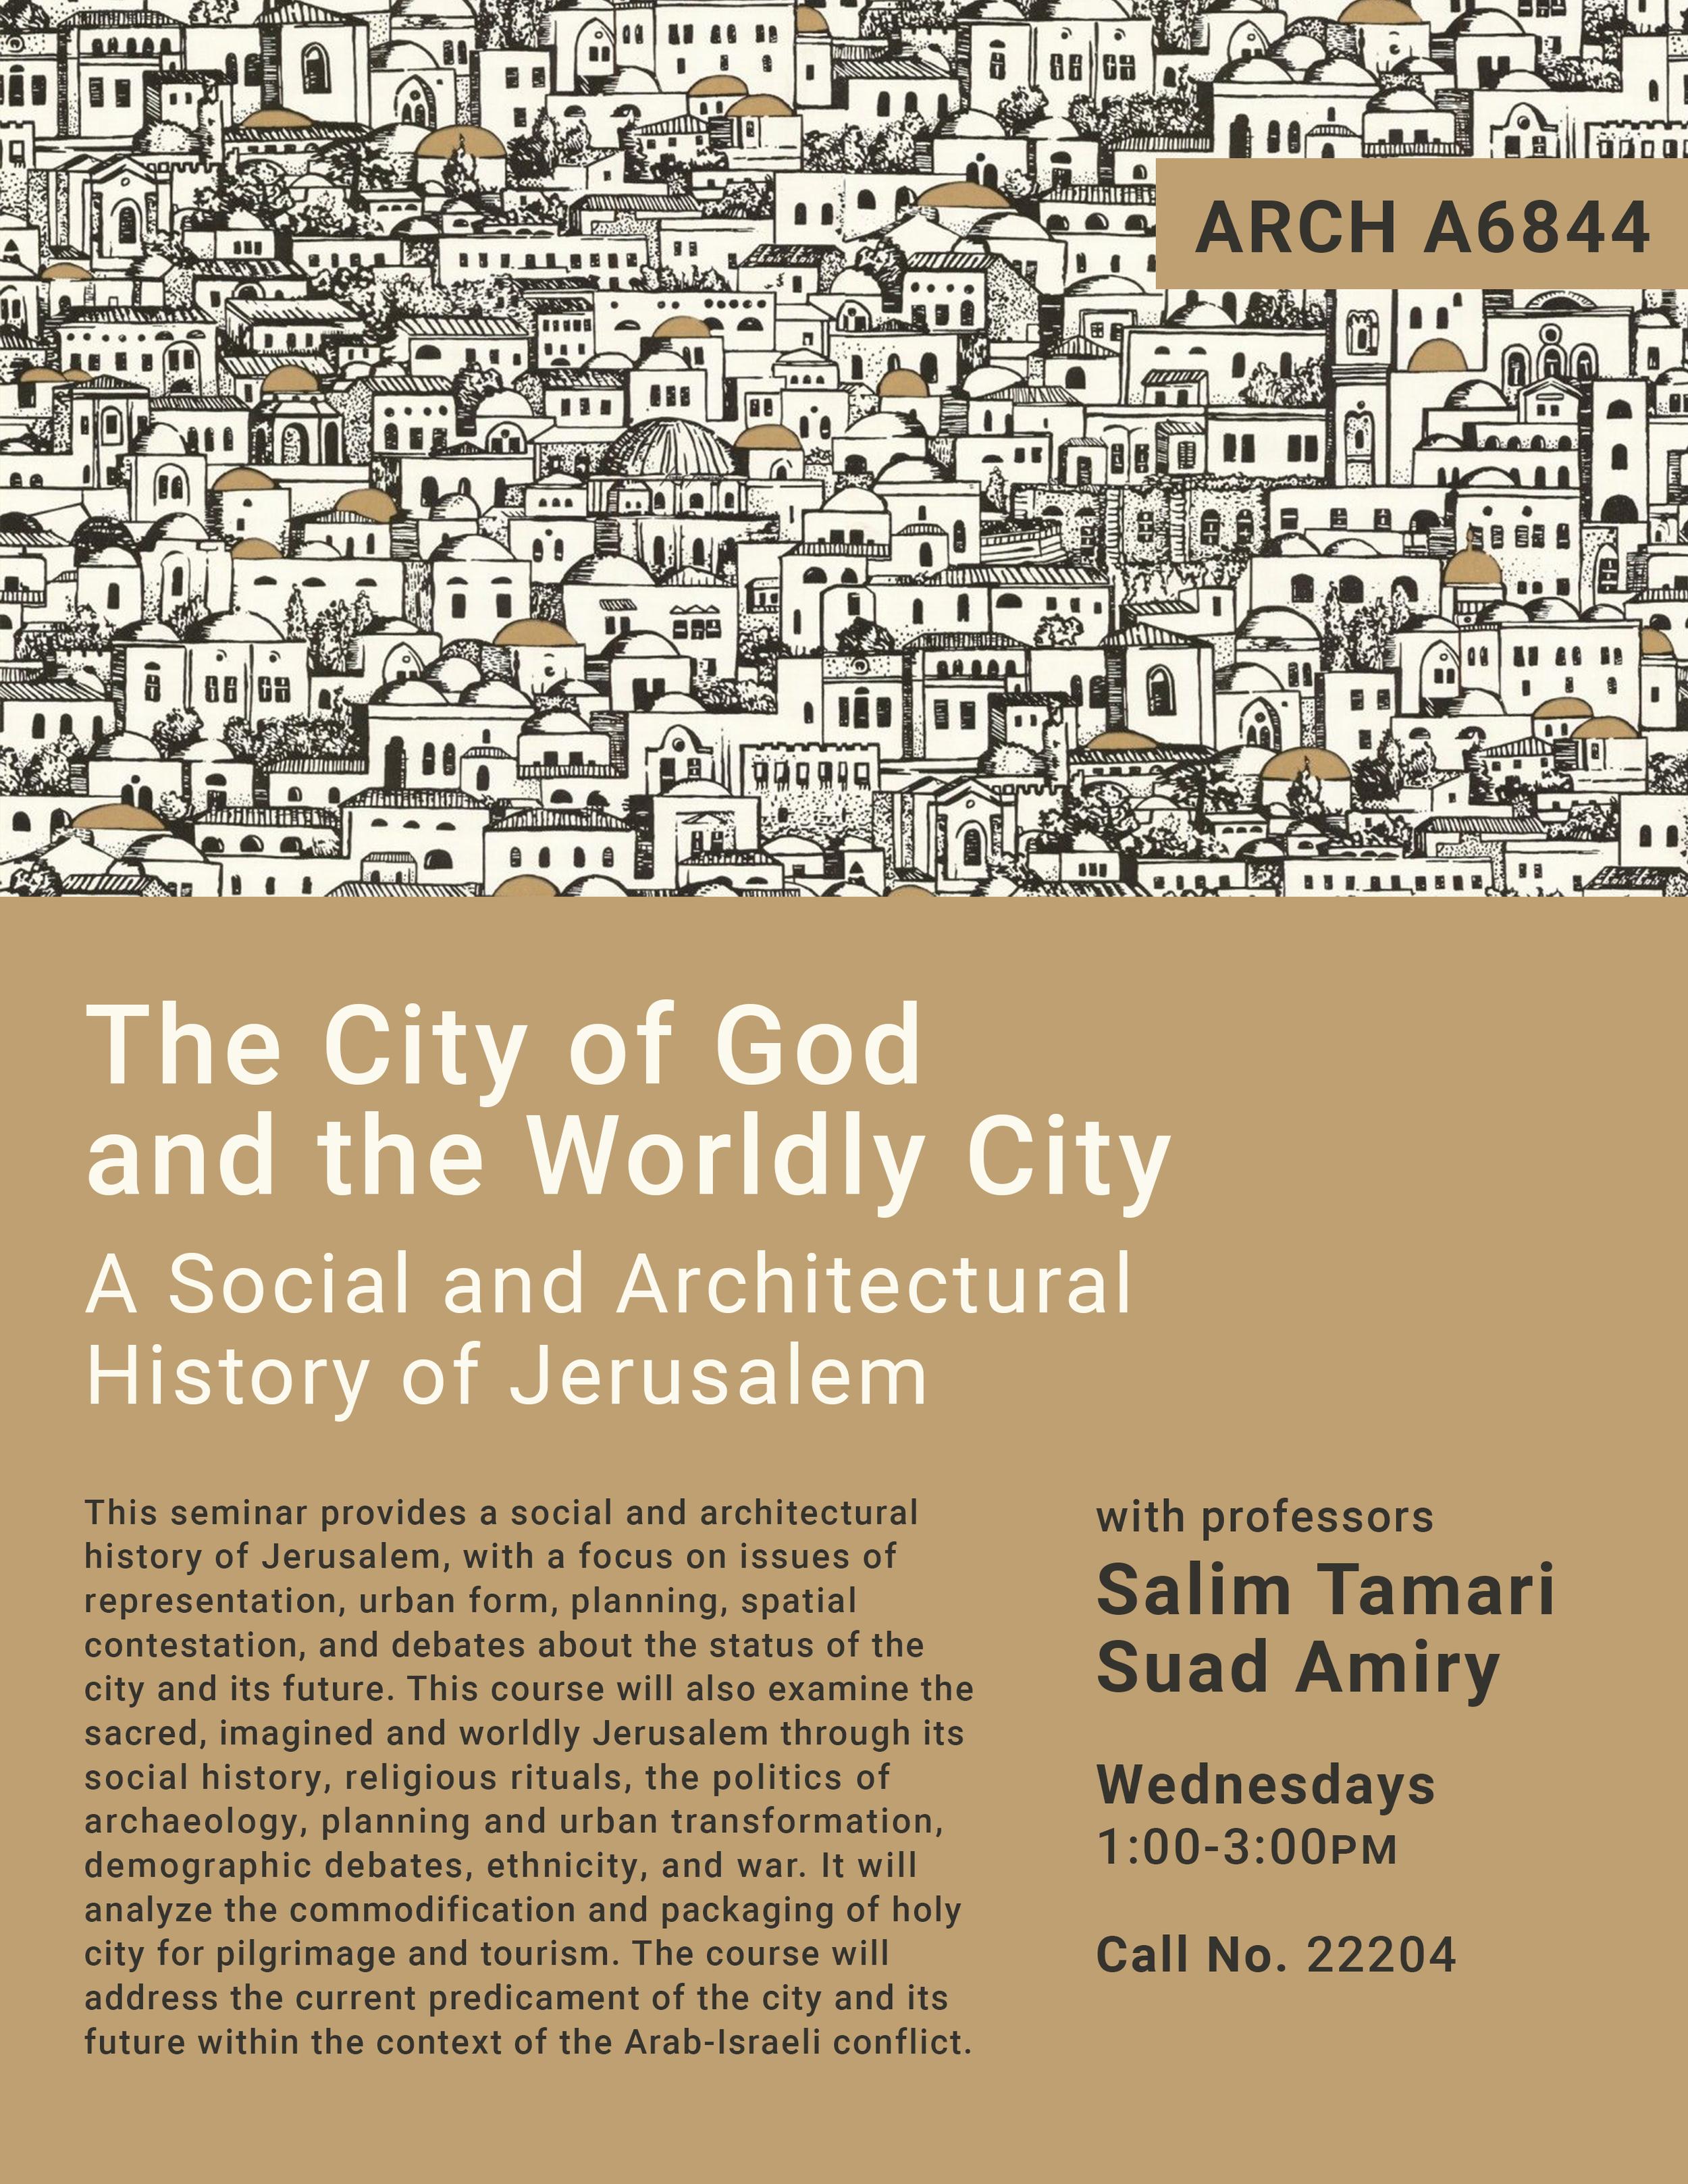 Society Architecture Jerusalem Course Flyer 1-20-2019 (1).png